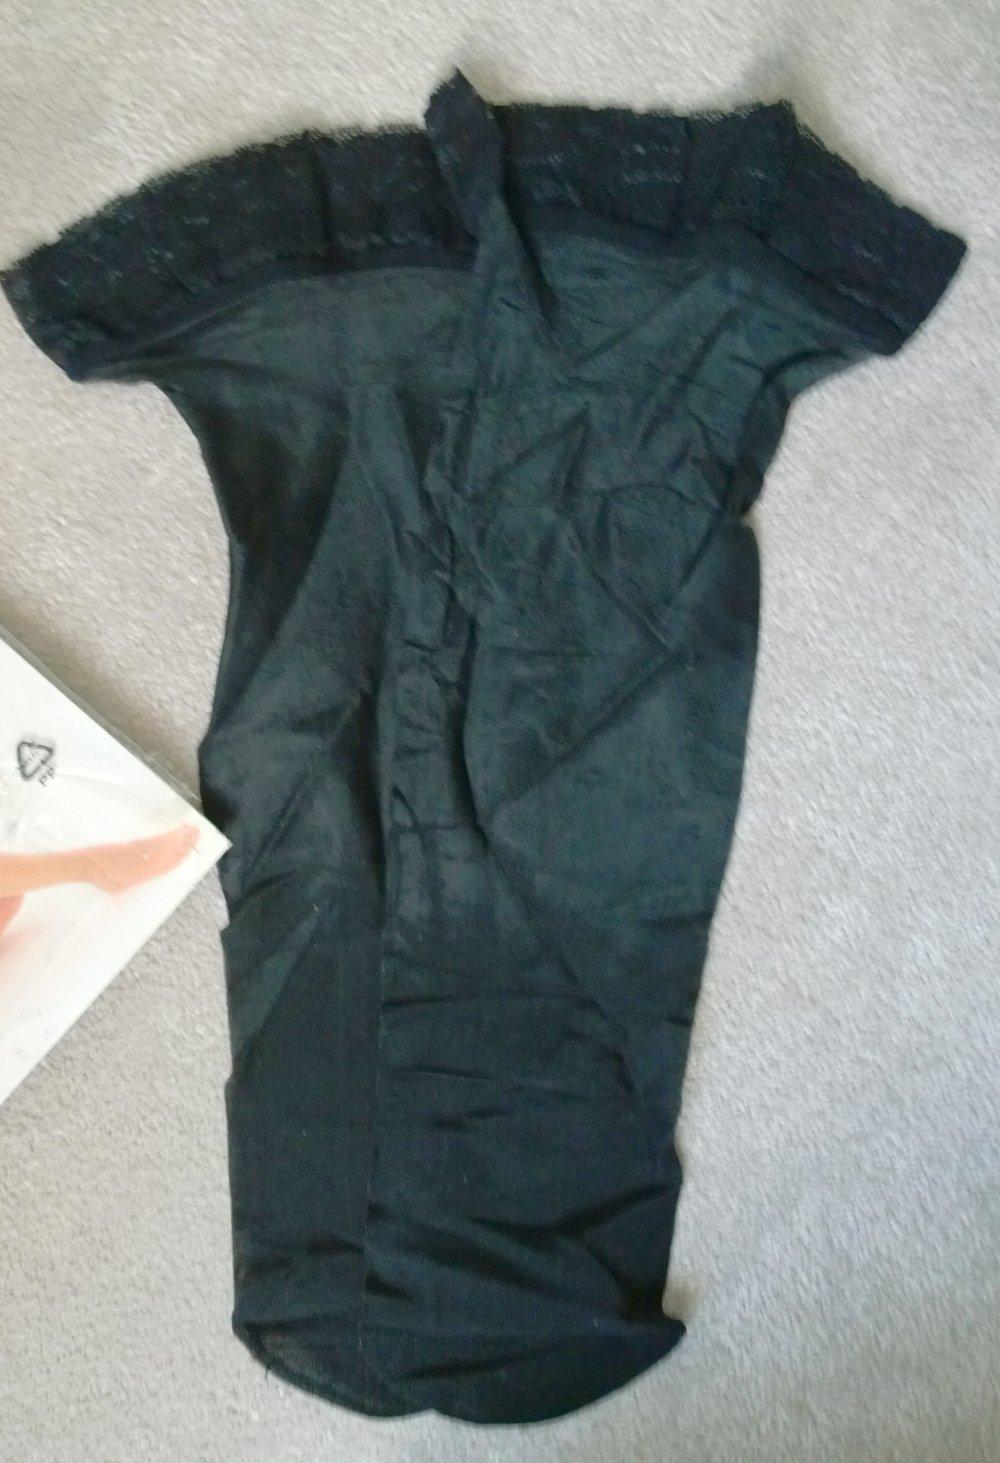 online zu verkaufen Entdecken Sie die neuesten Trends überlegene Materialien Halterlose Strümpfe schwarz Gr.M H&M